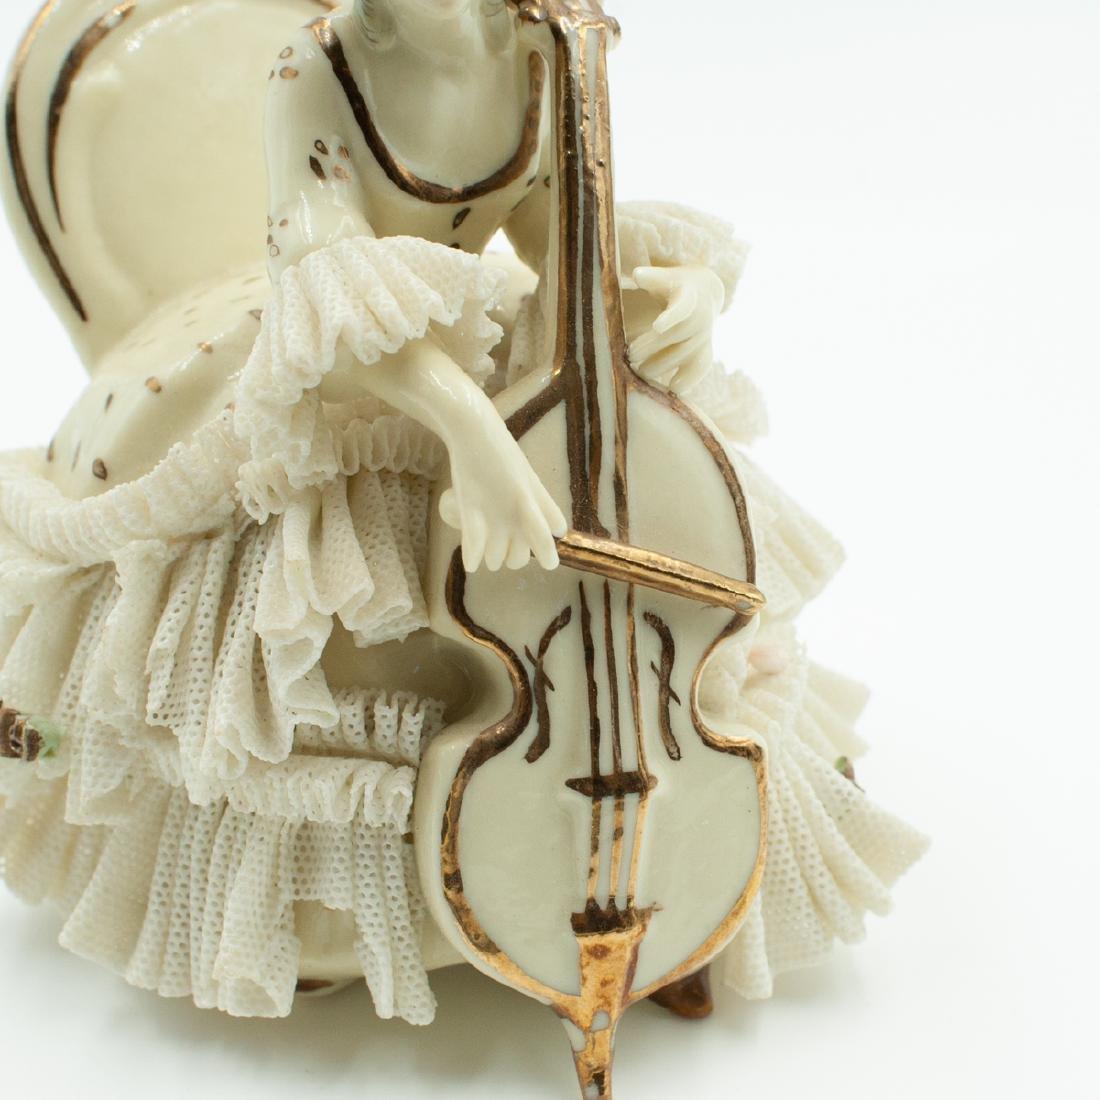 Pair Of Dresden Porcelain Musicians - 4